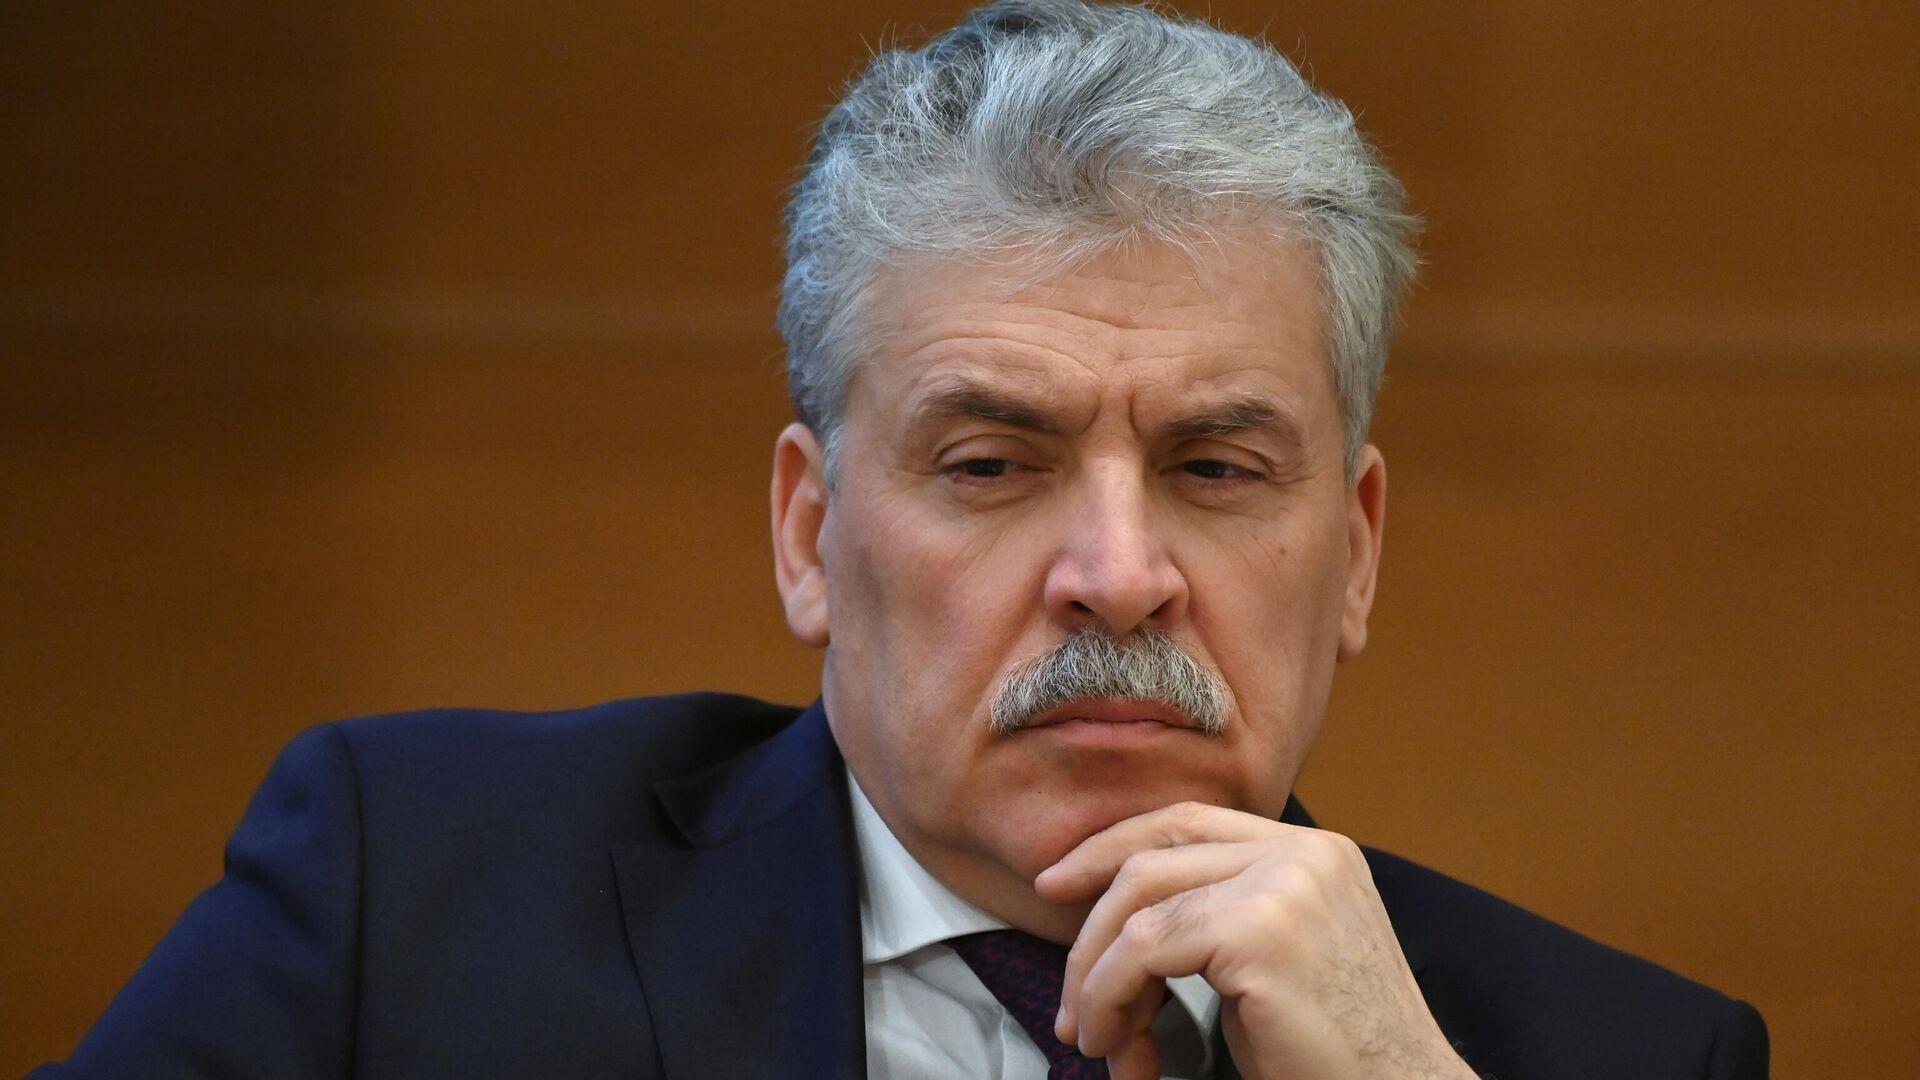 Зюганов пообещал ответить на исключение Грудинина из списка партии